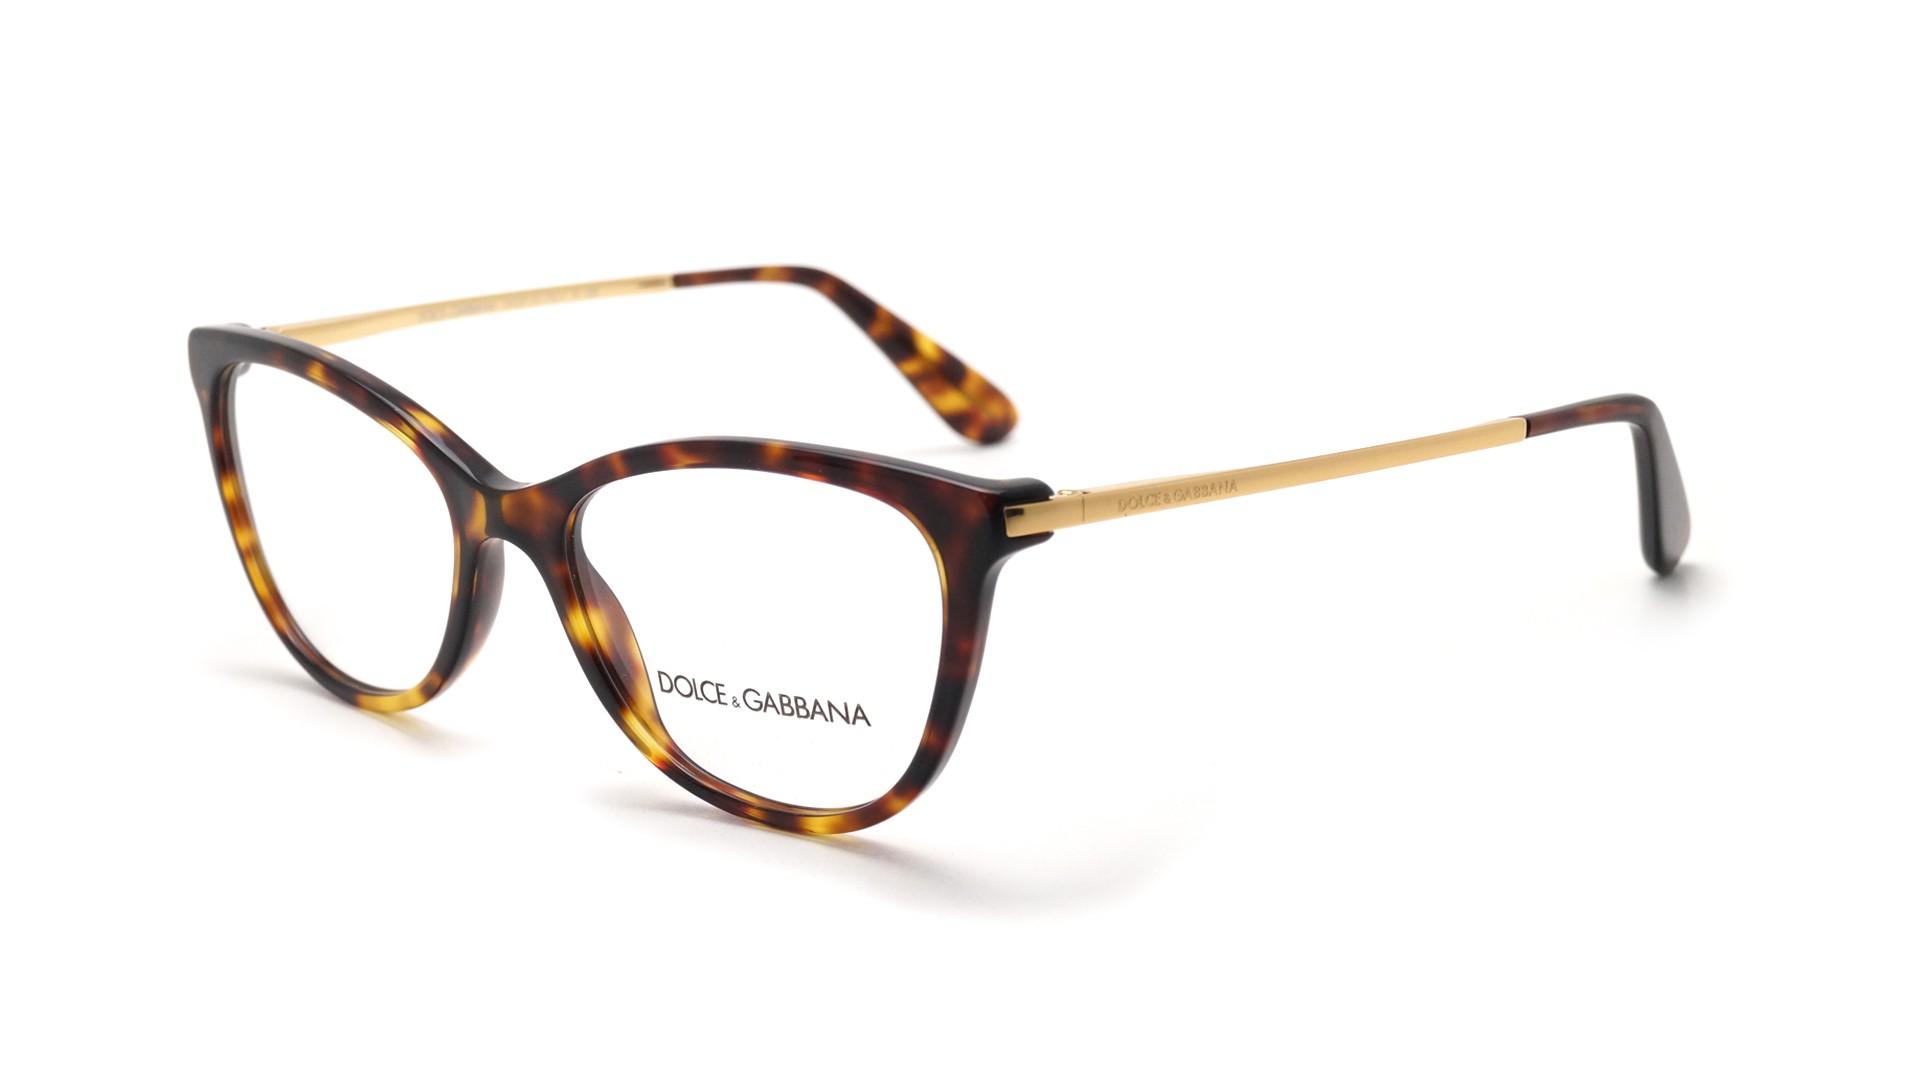 0ae8fc5409b Lunettes de vue Dolce   Gabbana DG3258 502 52-17 Écaille Medium